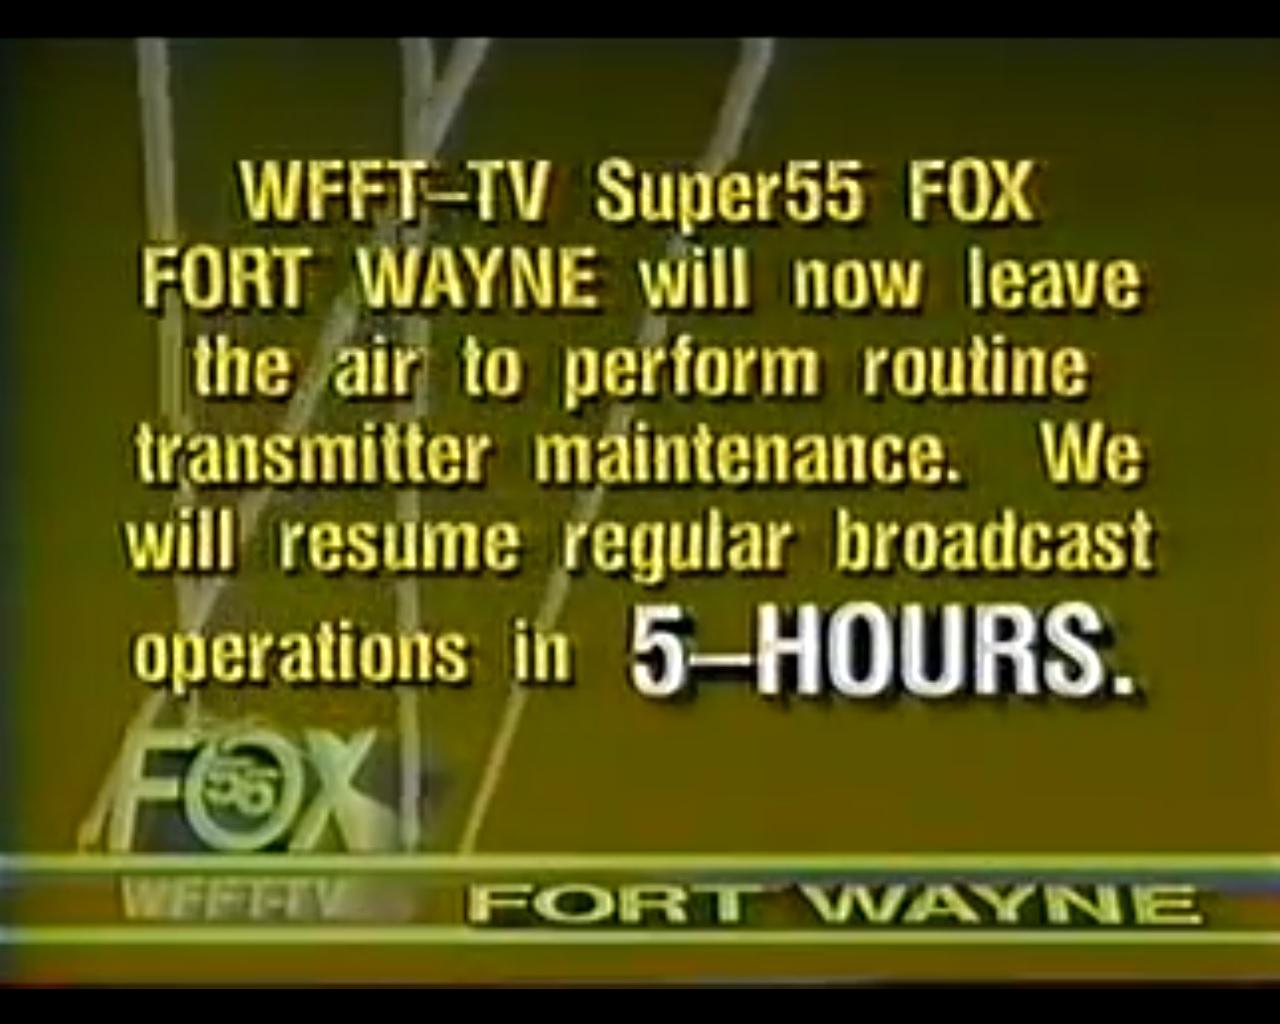 WFFT-TV